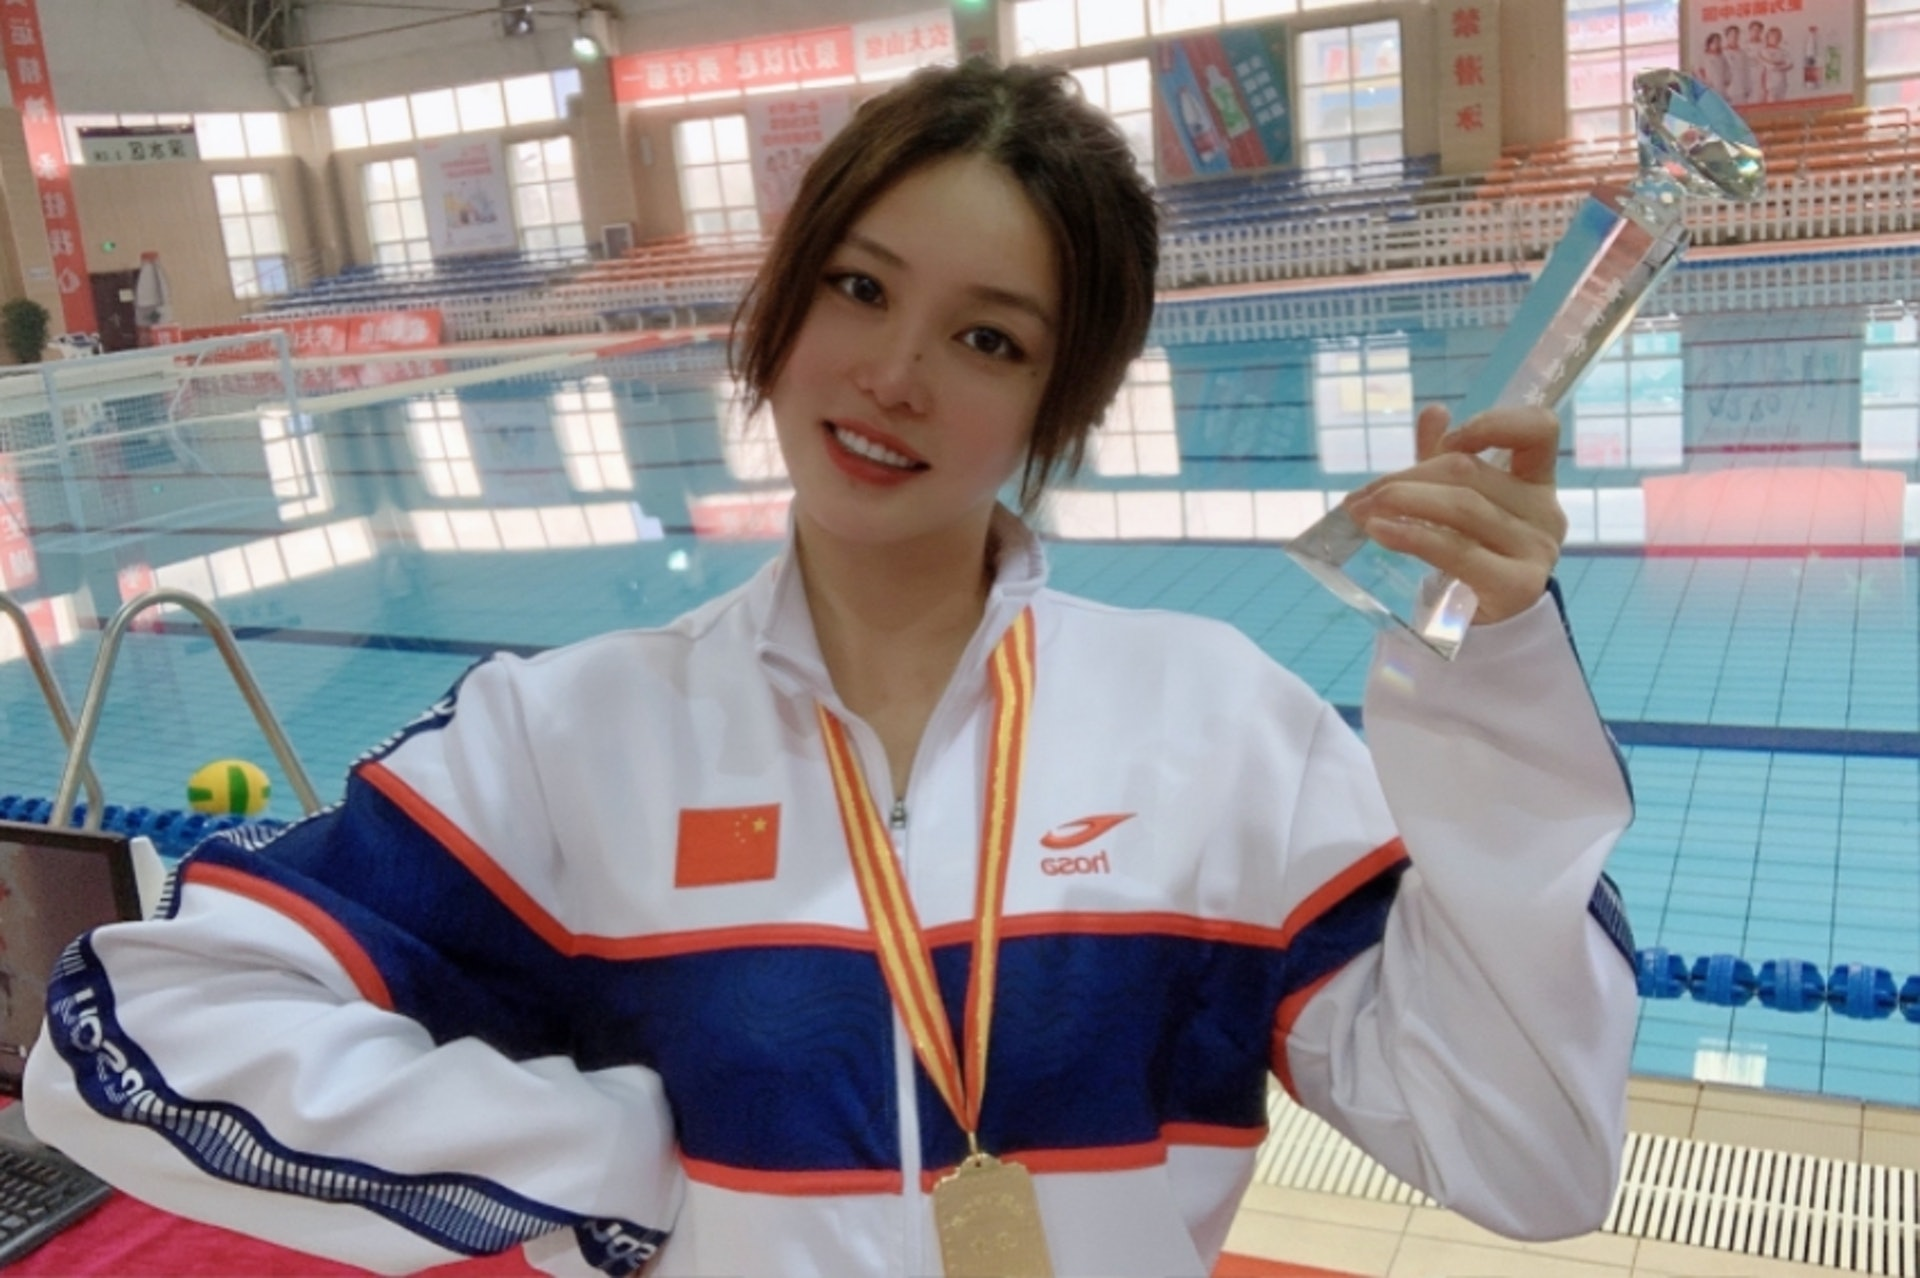 Đội trưởng đội tuyển bóng nước nữ Trung Quốc gây bão MXH vì ngoại hình nổi bật, nhan sắc được so sánh cùng Trương Bá Chi - ảnh 5